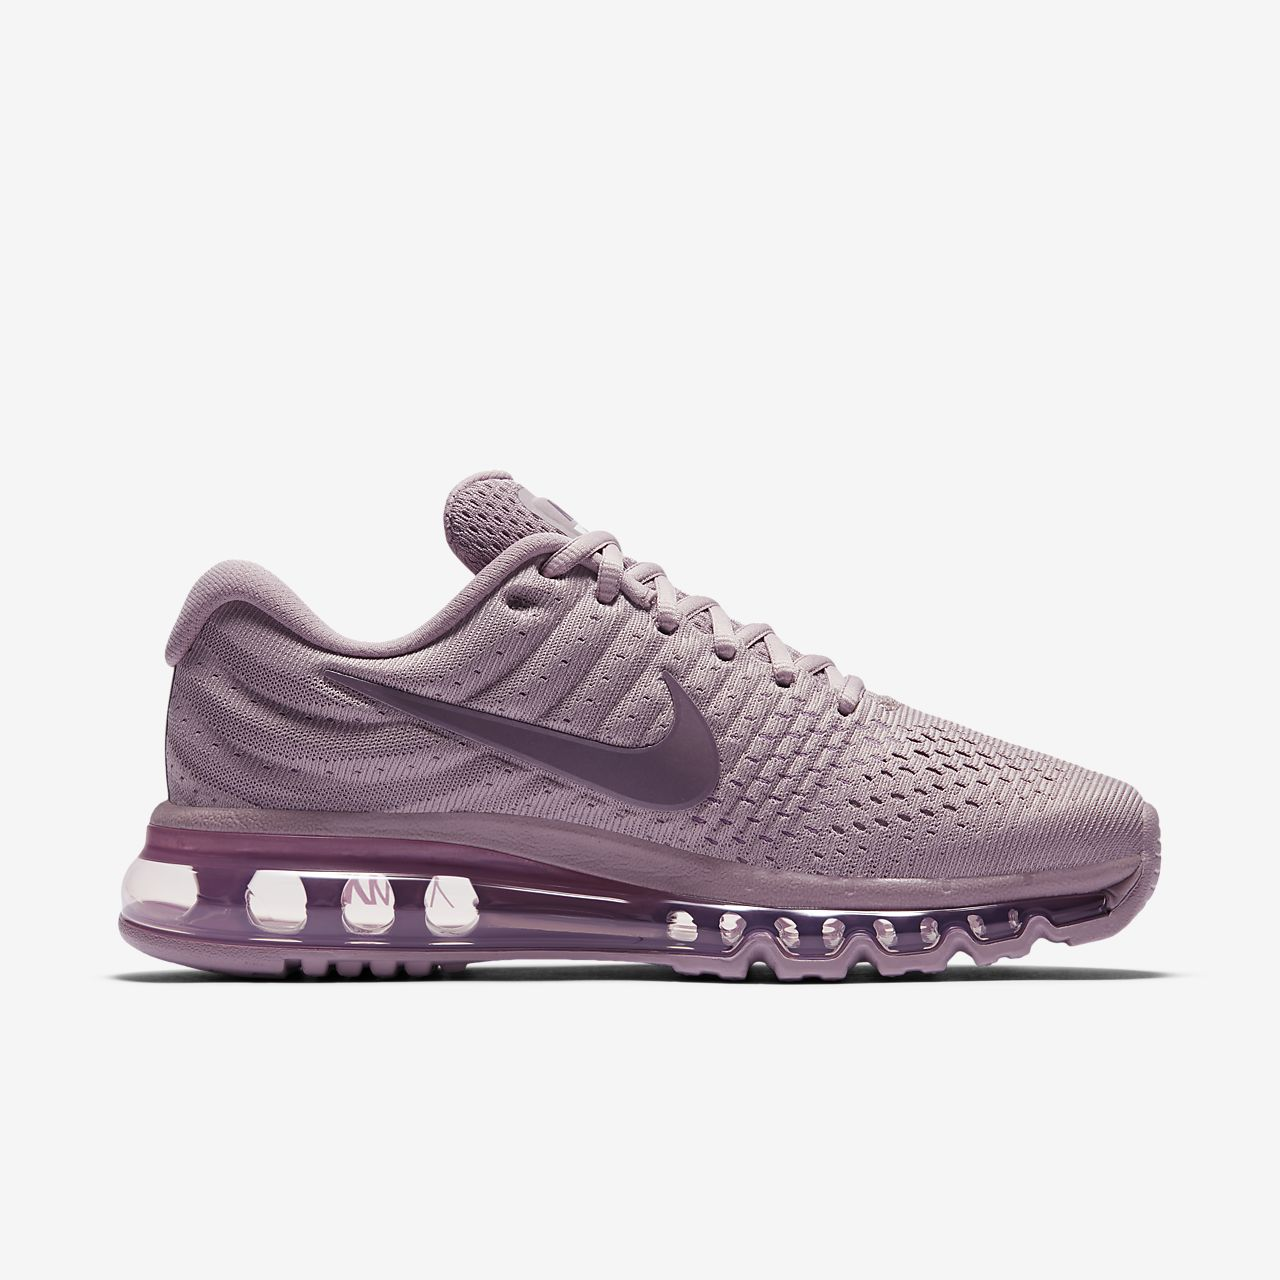 nike air max donna scarpe 2017